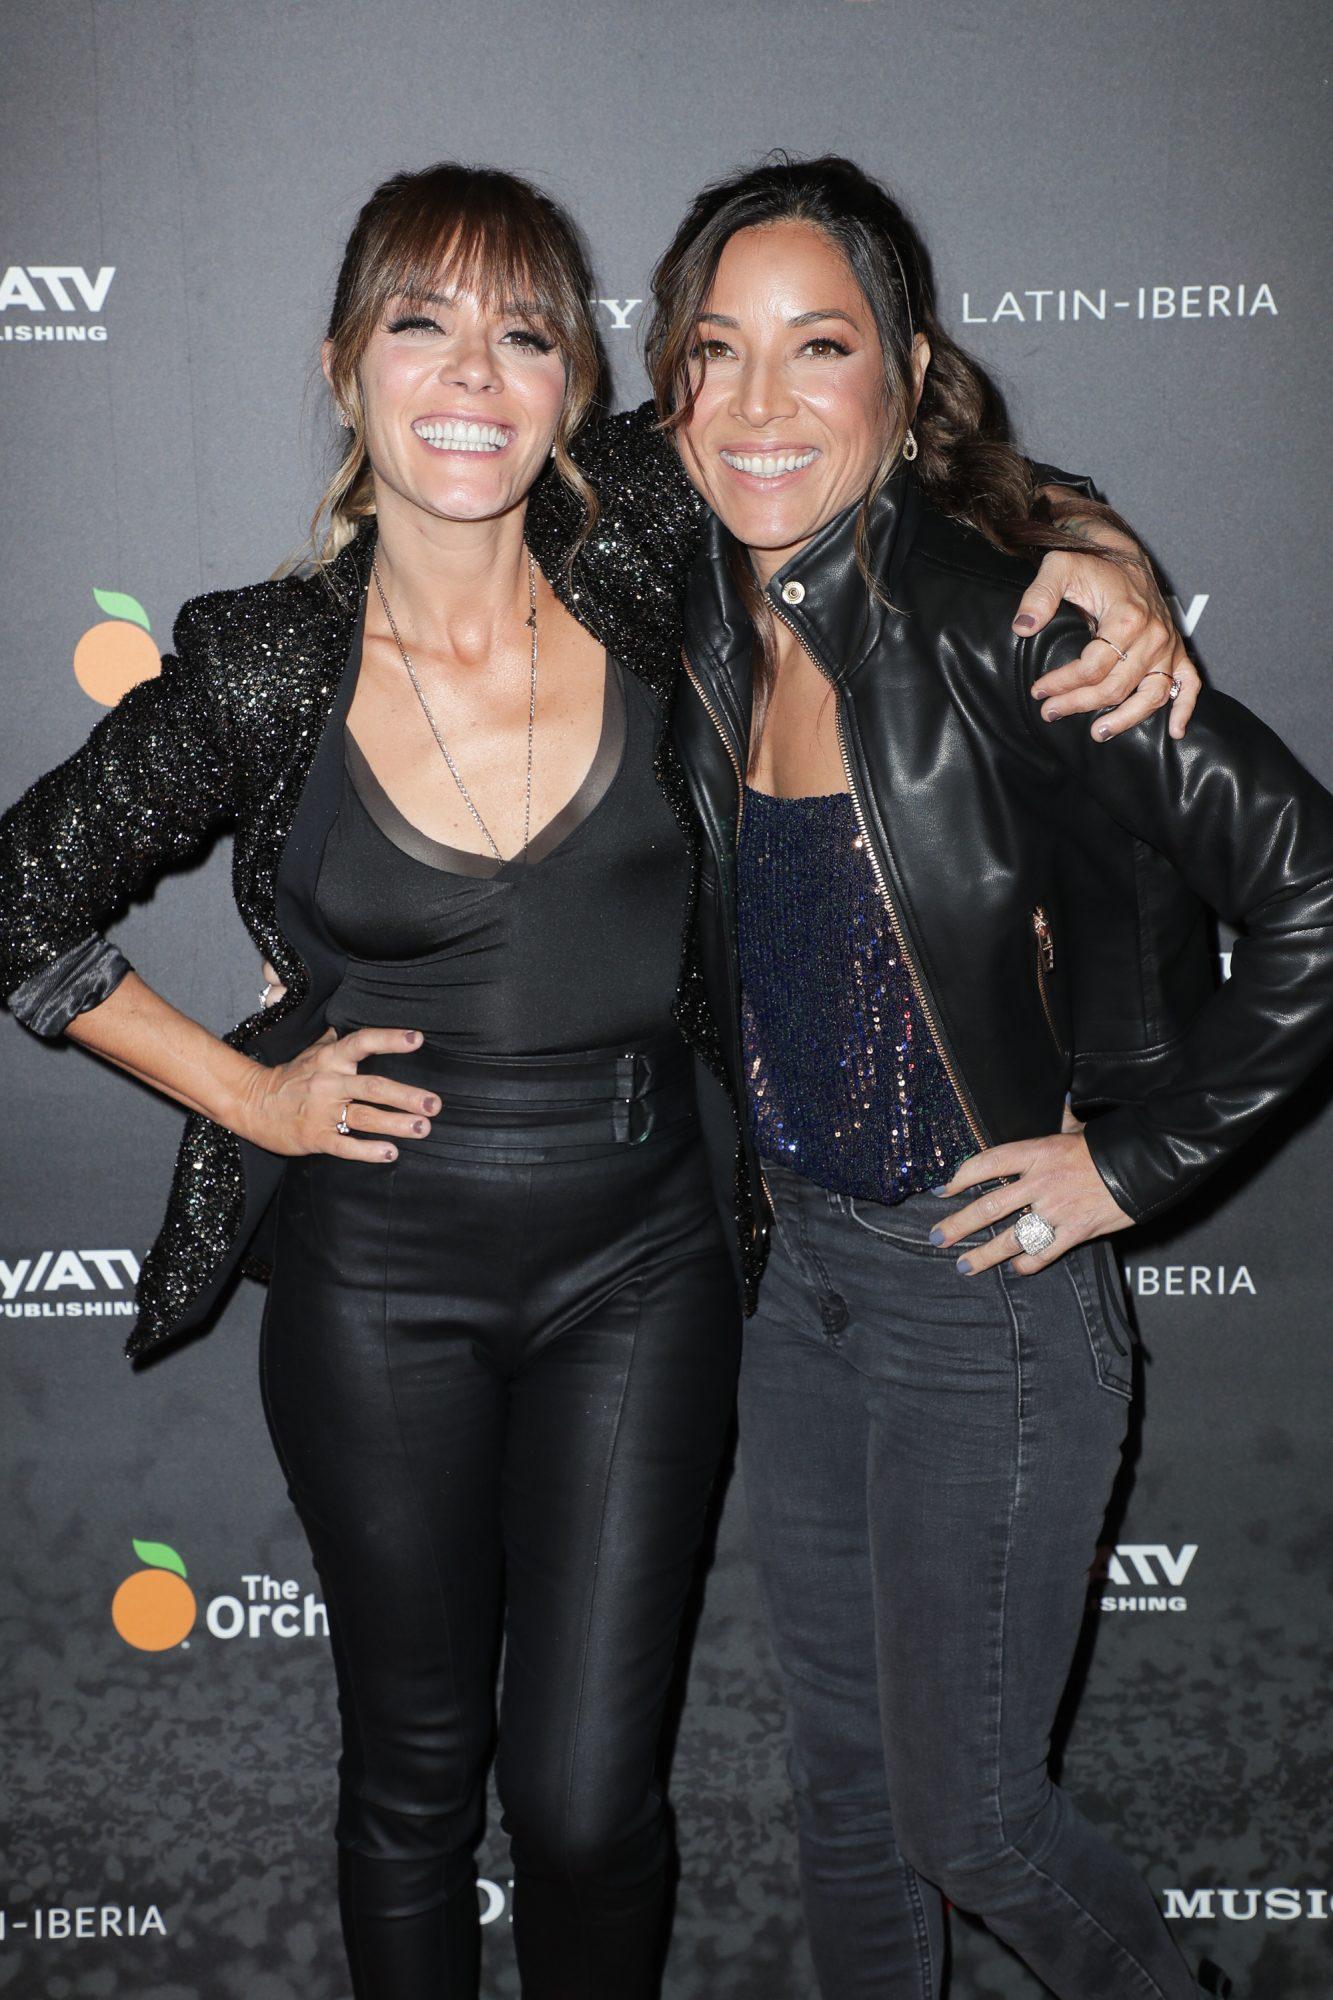 Kany Garcia and Jocelyn Troche